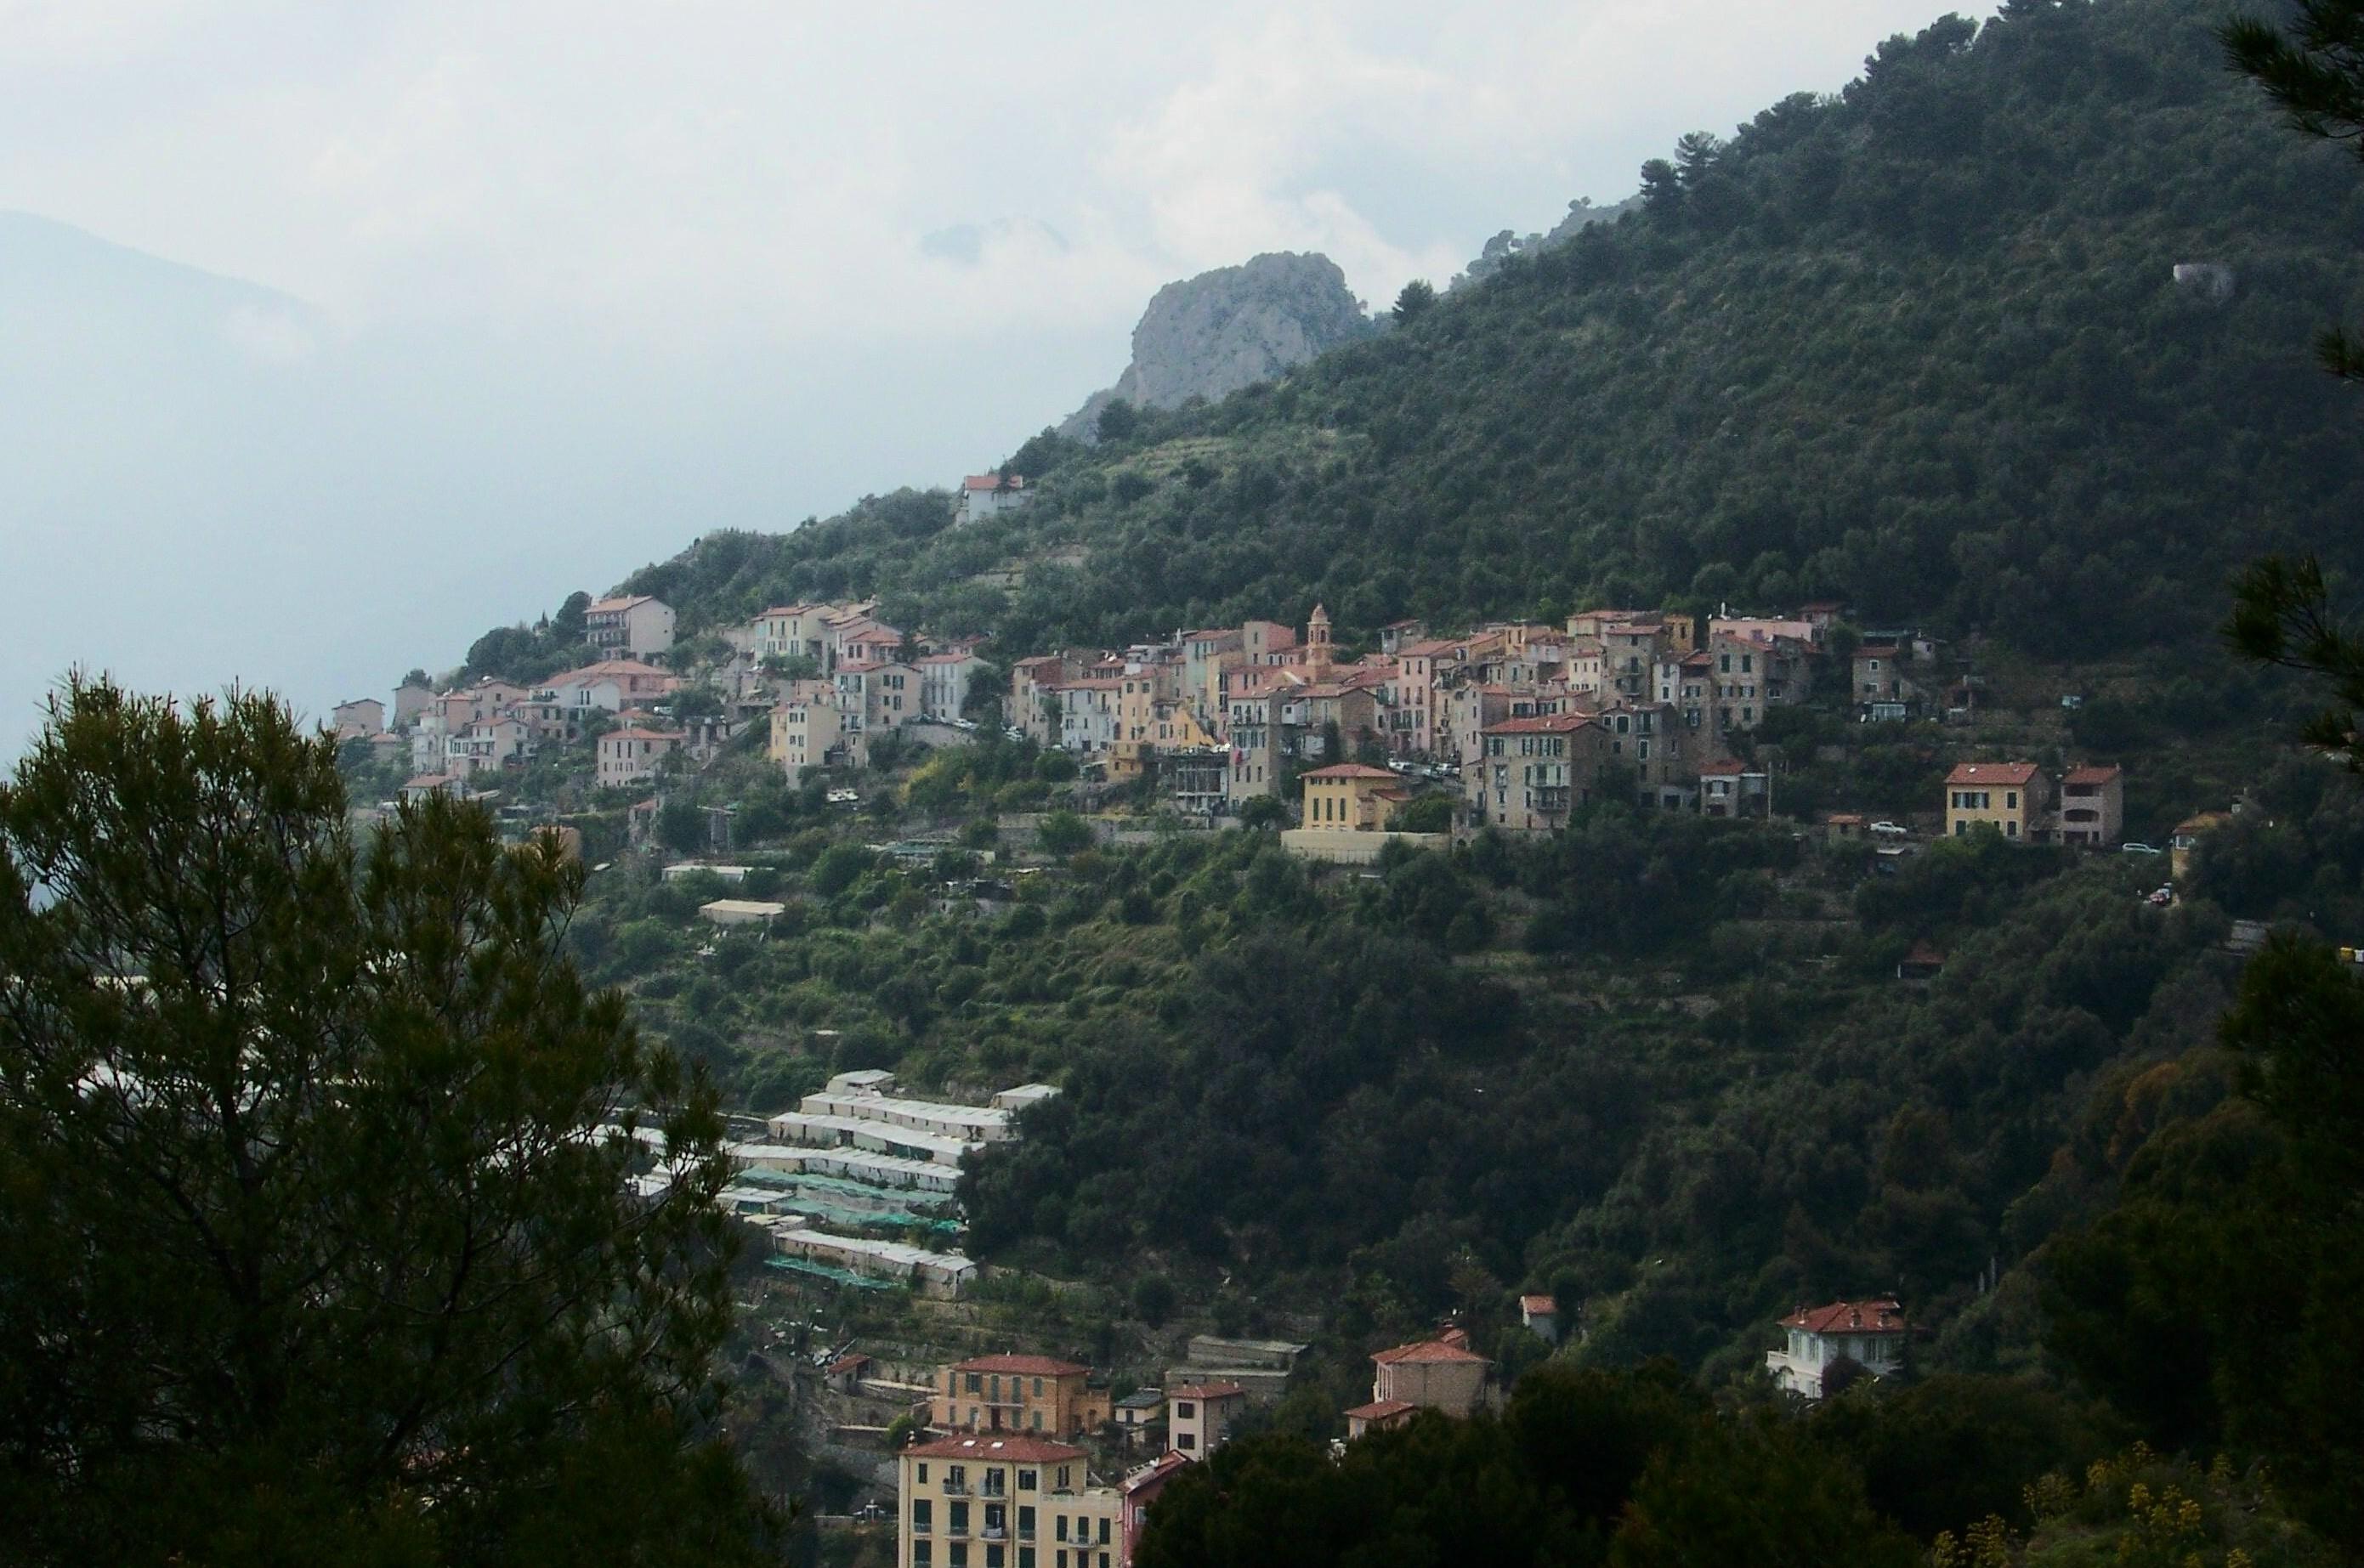 Grimaldi (Ventimiglia)